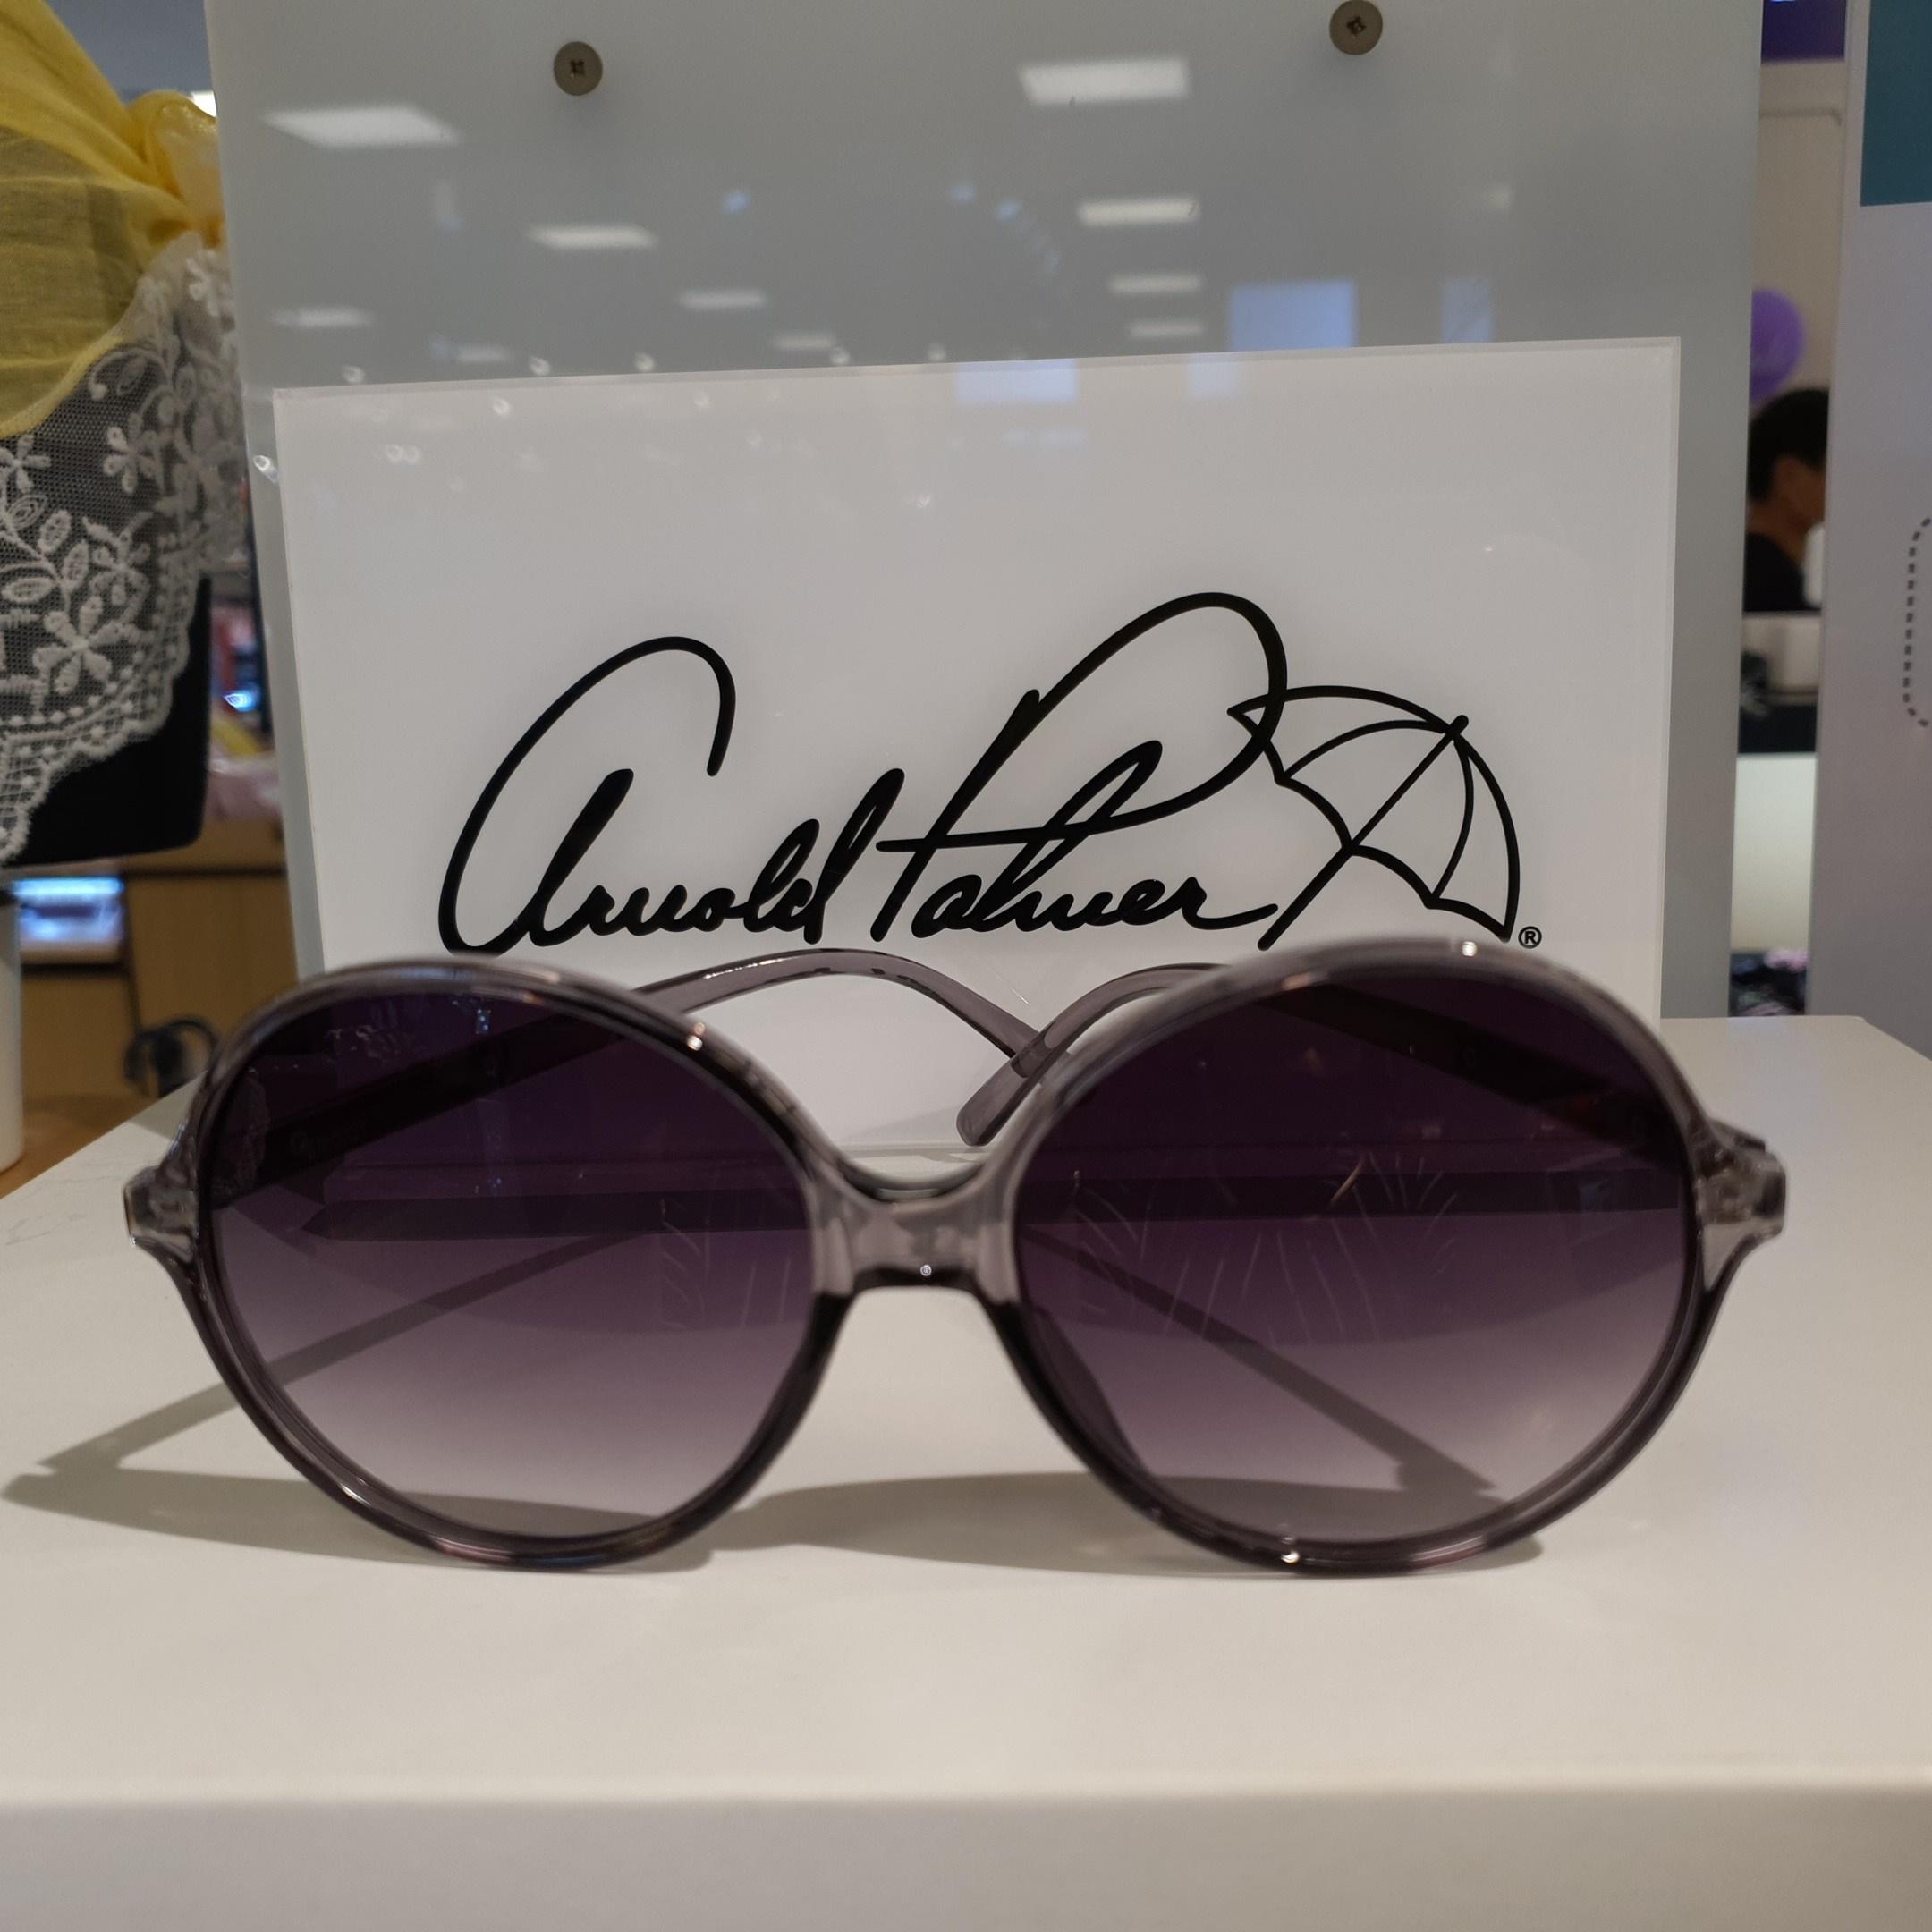 알다 Nc부산대점 아놀드파마 메이슨선글라스 가볍고 간편하게 귀여운 오버사이즈 선글라스